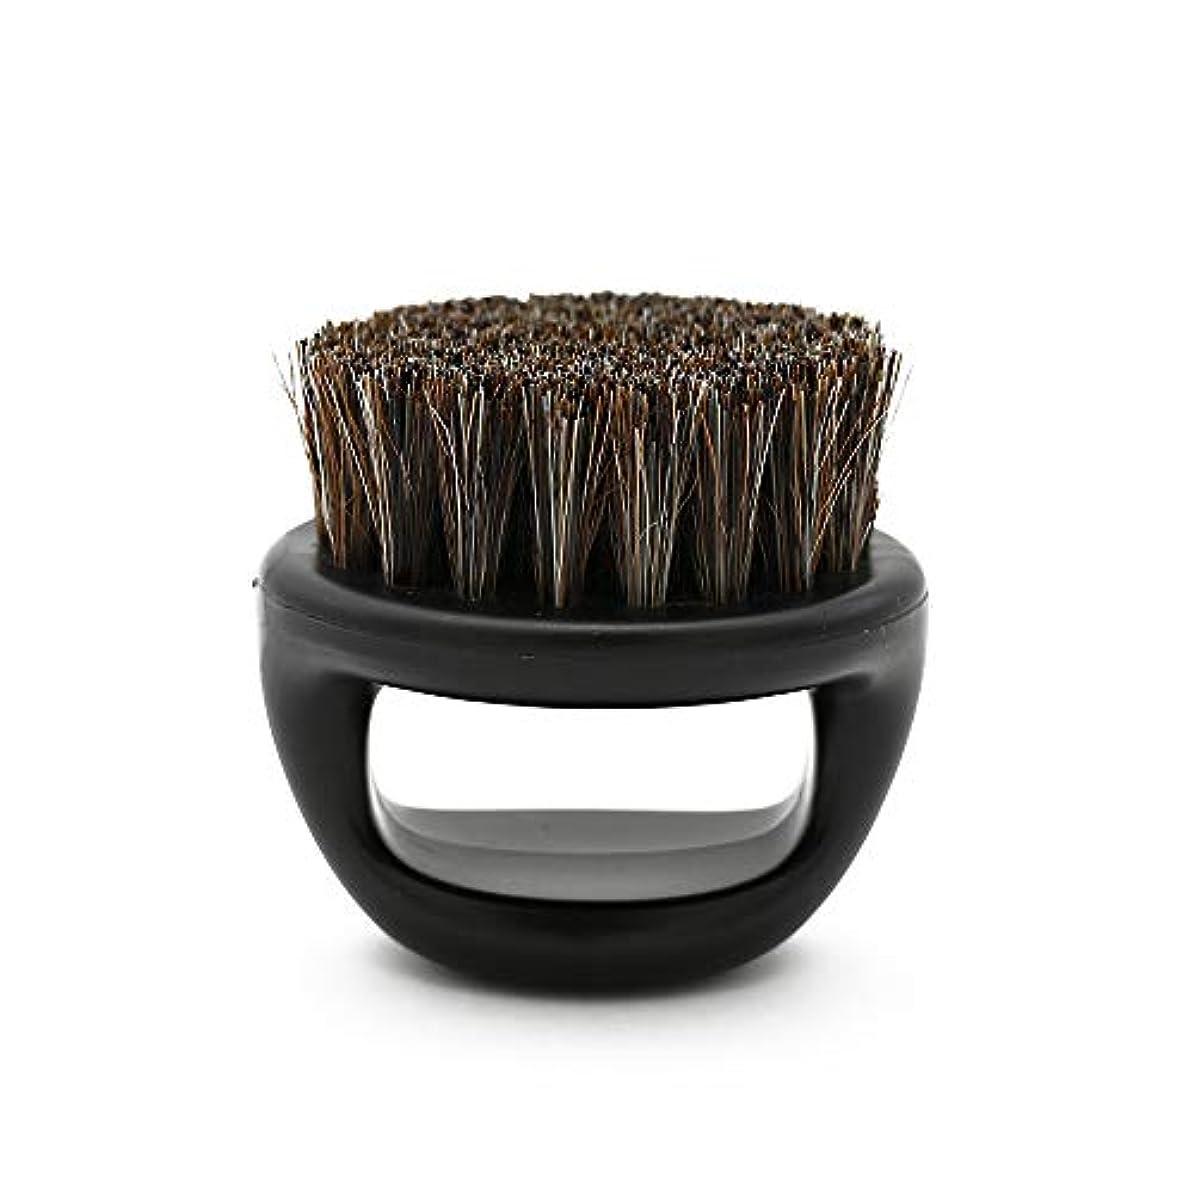 自己尊重最も早い原稿TOOGOO 1個リングデザイン馬毛メンズシェービングブラシプラスチック製の可搬式理容ひげブラシサロンフェイスクリーニングかみそりブラシ(ブラック)